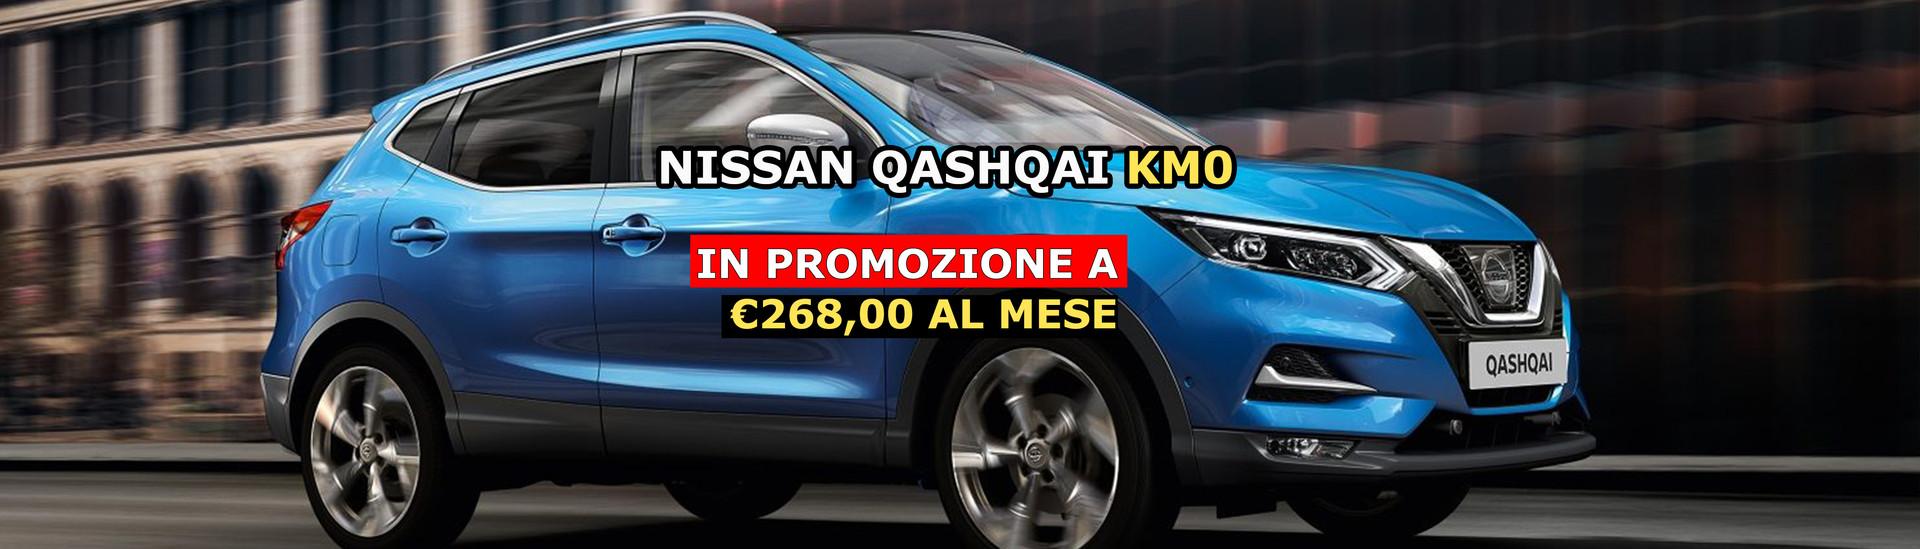 nissan_qashqai-maggio